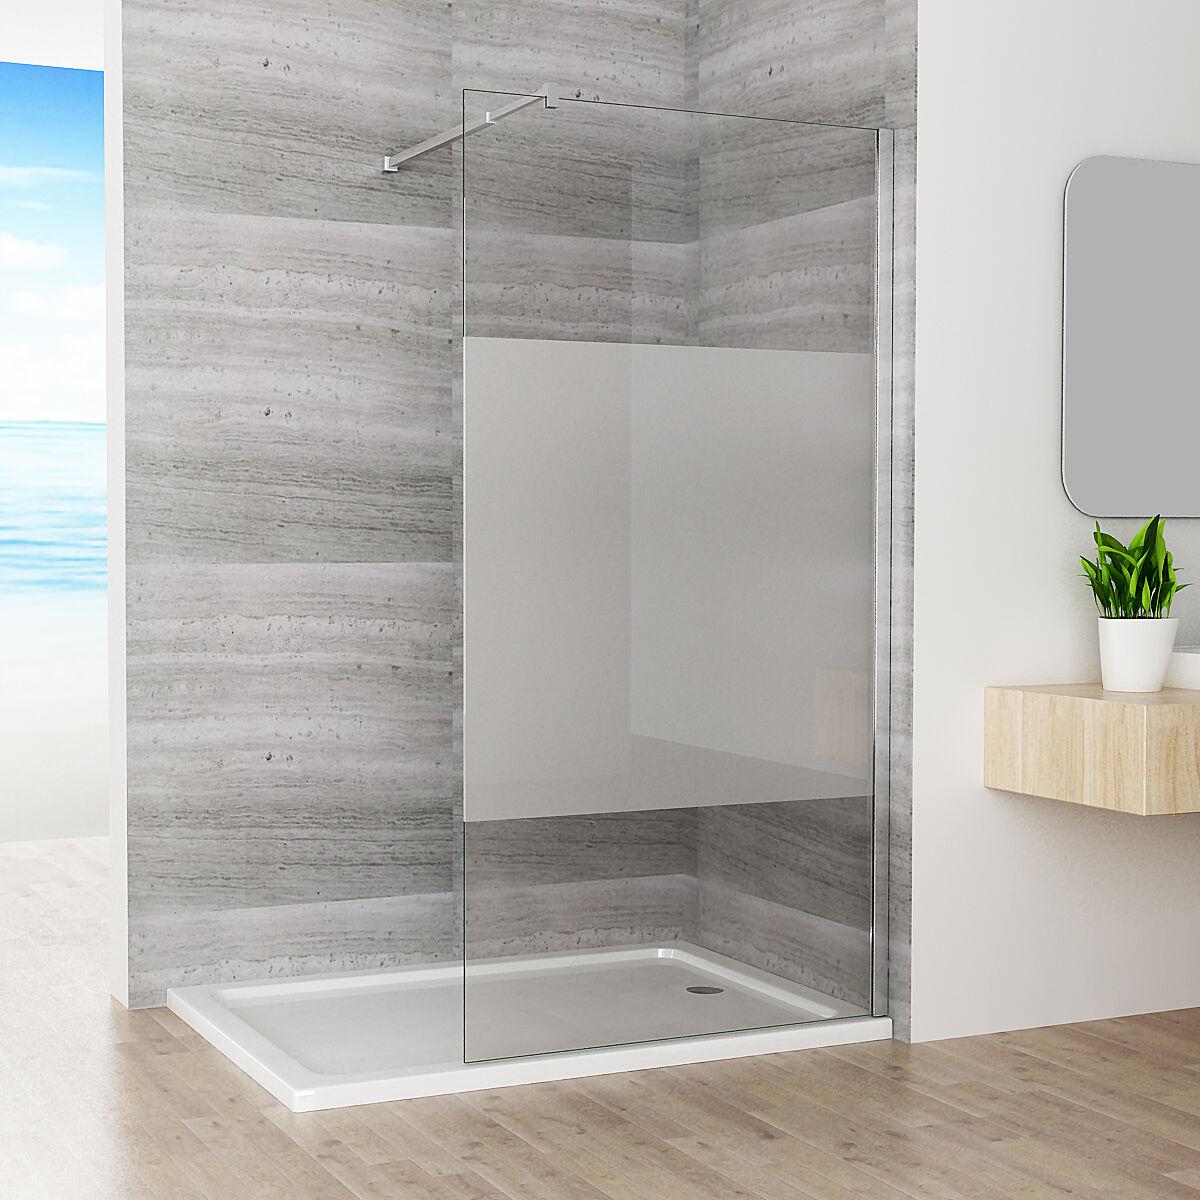 80 x 200cm Walk in Dusche Duschabtrennung Duschwand 10mm Nano teilsatiniert Glas